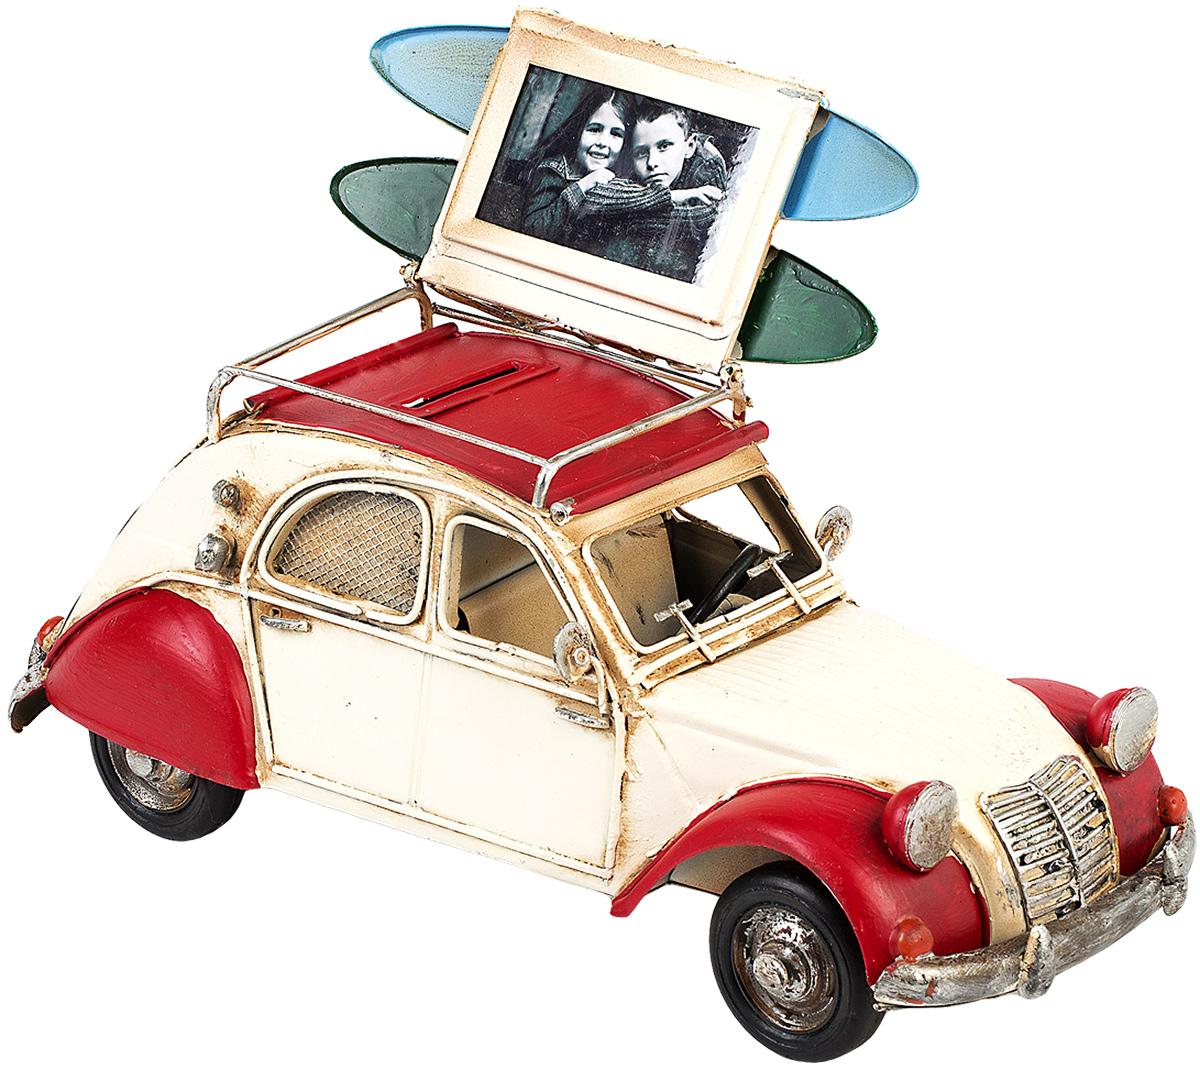 Модель Platinum Автомобиль, с фоторамкой и копилкой. 1404E-43391404E-4339Модель Platinum Автомобиль, выполненная из металла, станеторигинальным украшением интерьера. Вы можете поставить модель ретро- автомобиля в любом месте, где онабудет удачно смотреться. Изделие дополнено копилкой и фоторамкой, куда вы можете вставитьвашу любимую фотографию.Качество исполнения, точные детали и оригинальный дизайн выделяют этумодель среди ряда подобных. Модель займет достойное место в вашейколлекции, а также приятно удивит получателя в качестве стильного сувенира.